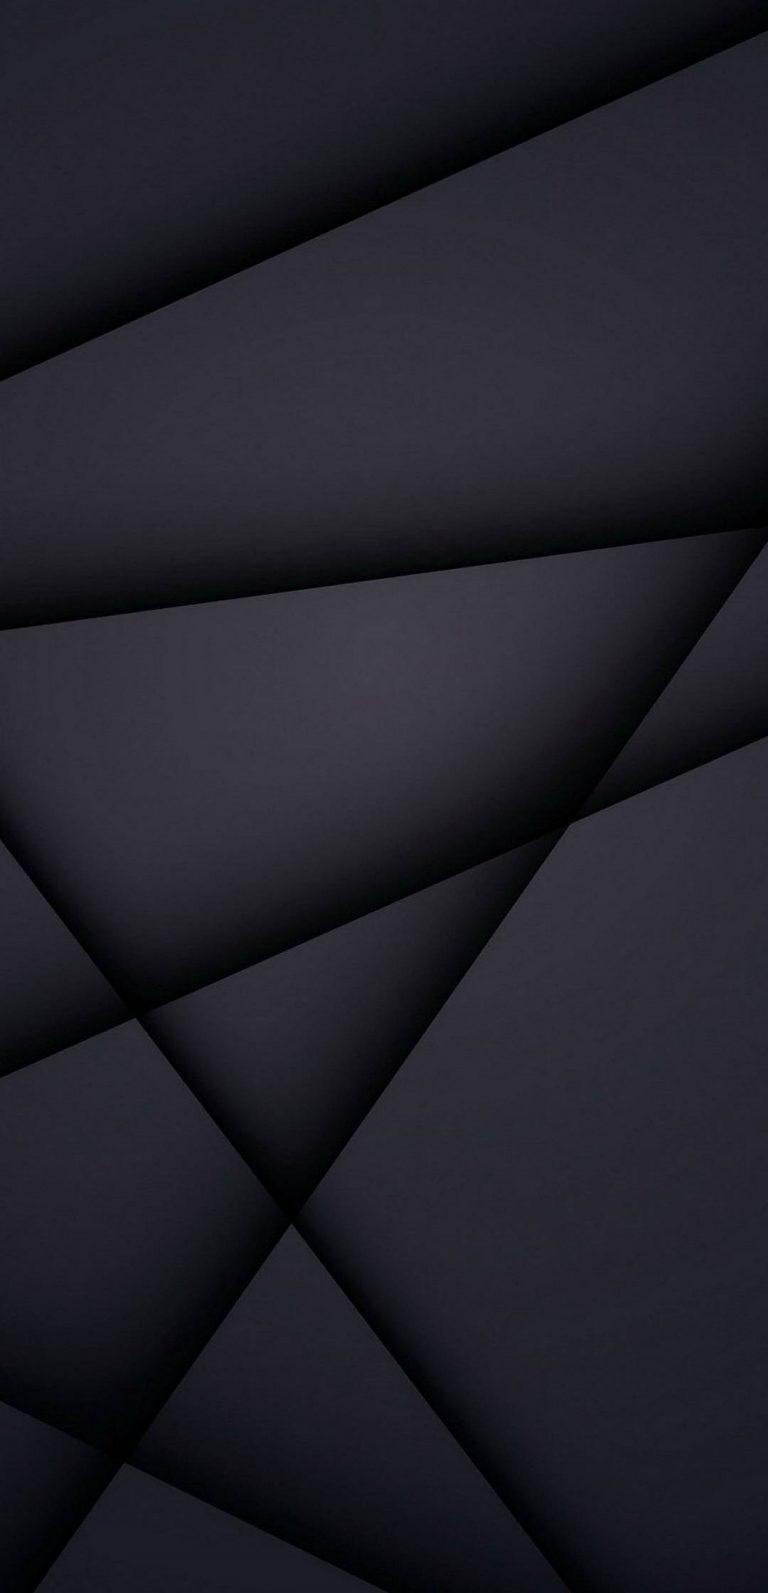 1080x2240 Wallpaper 017 768x1593